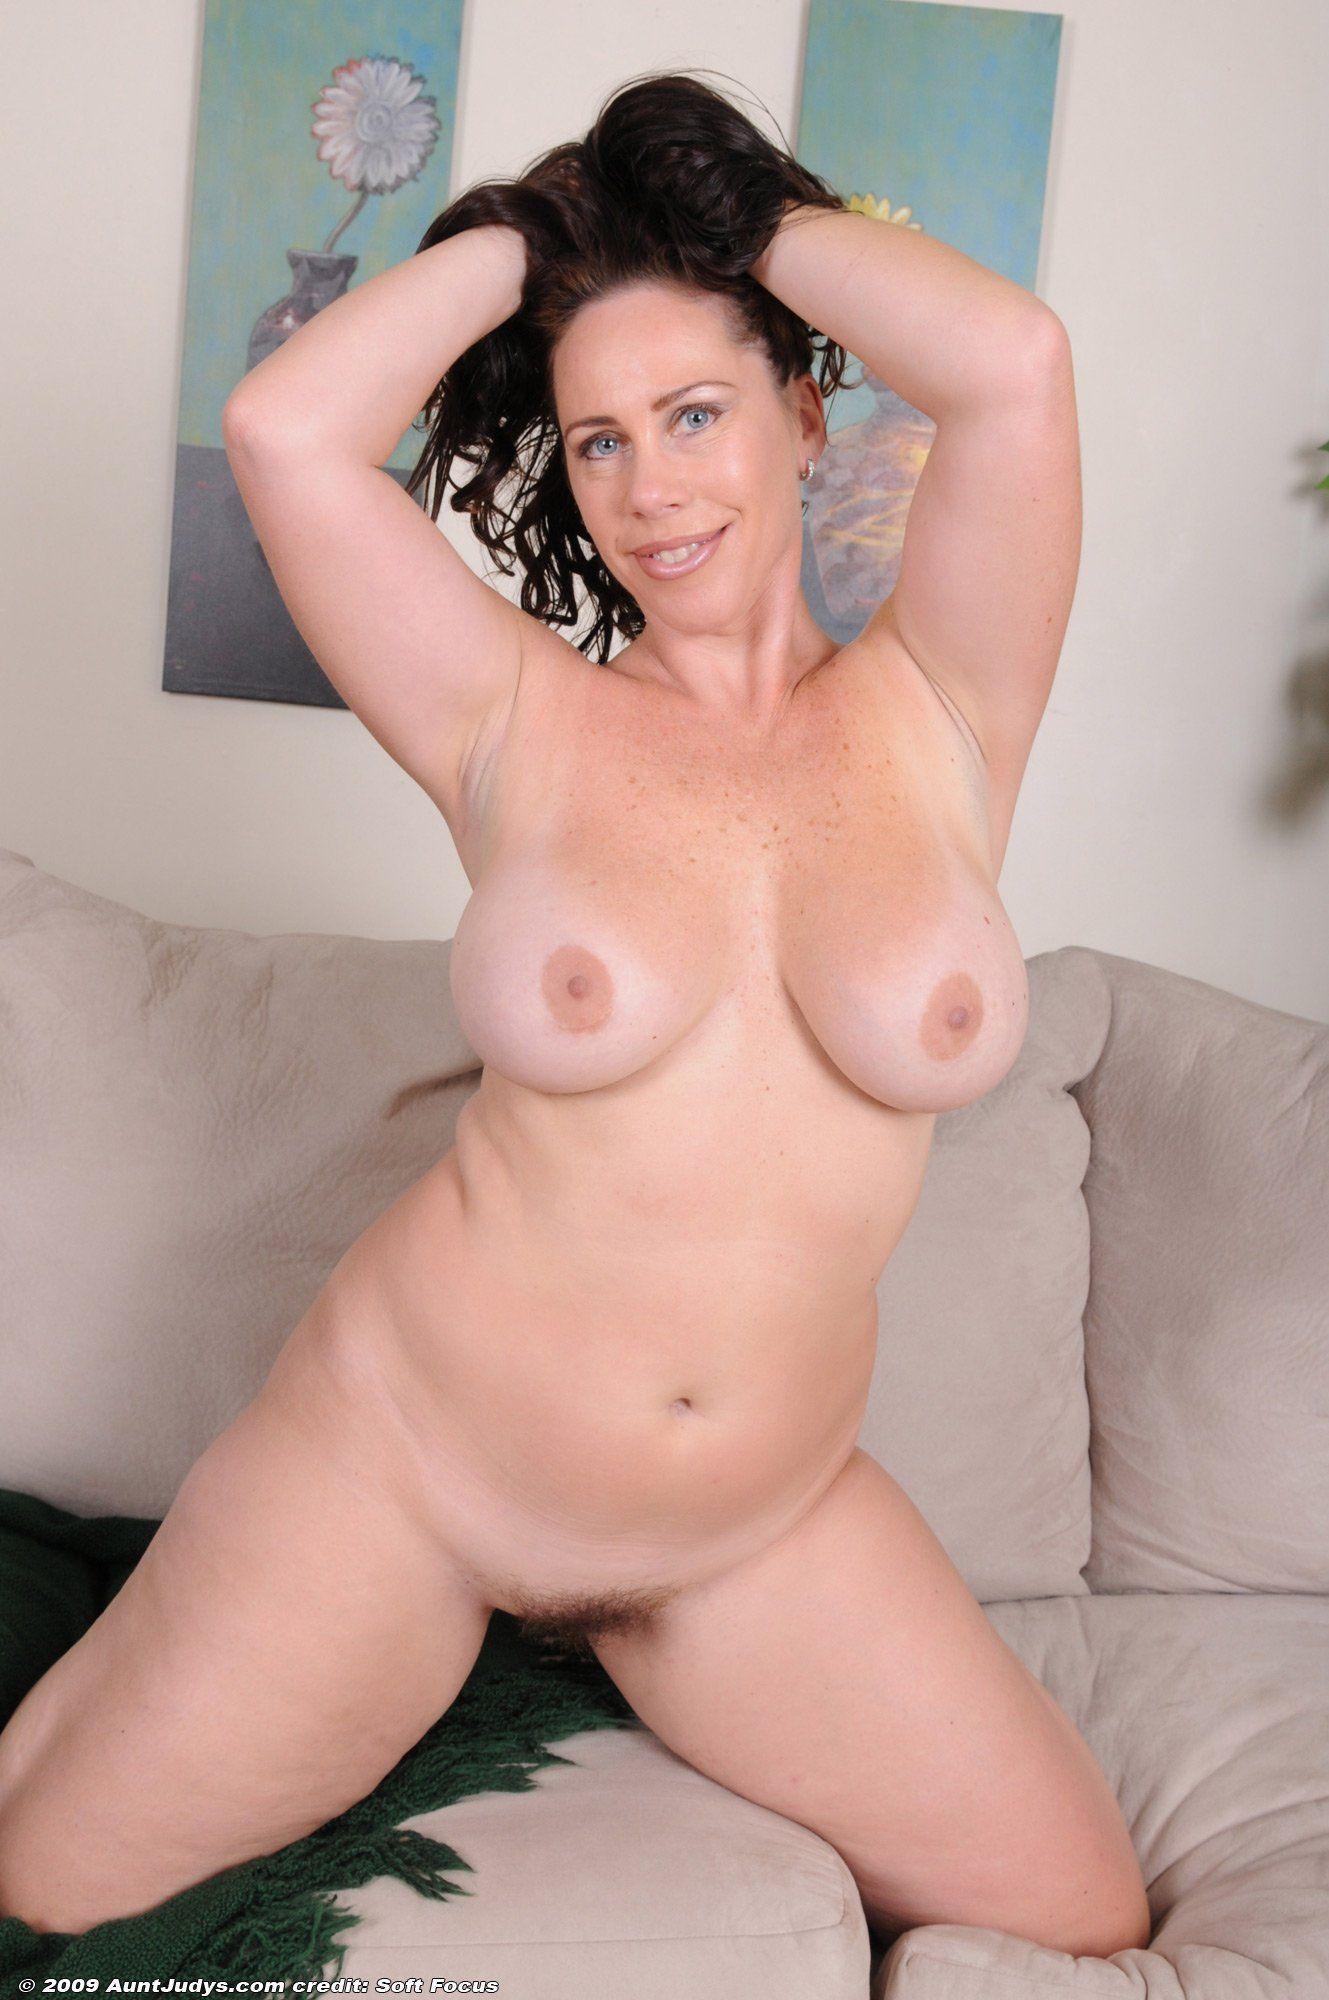 Dulce latina porn